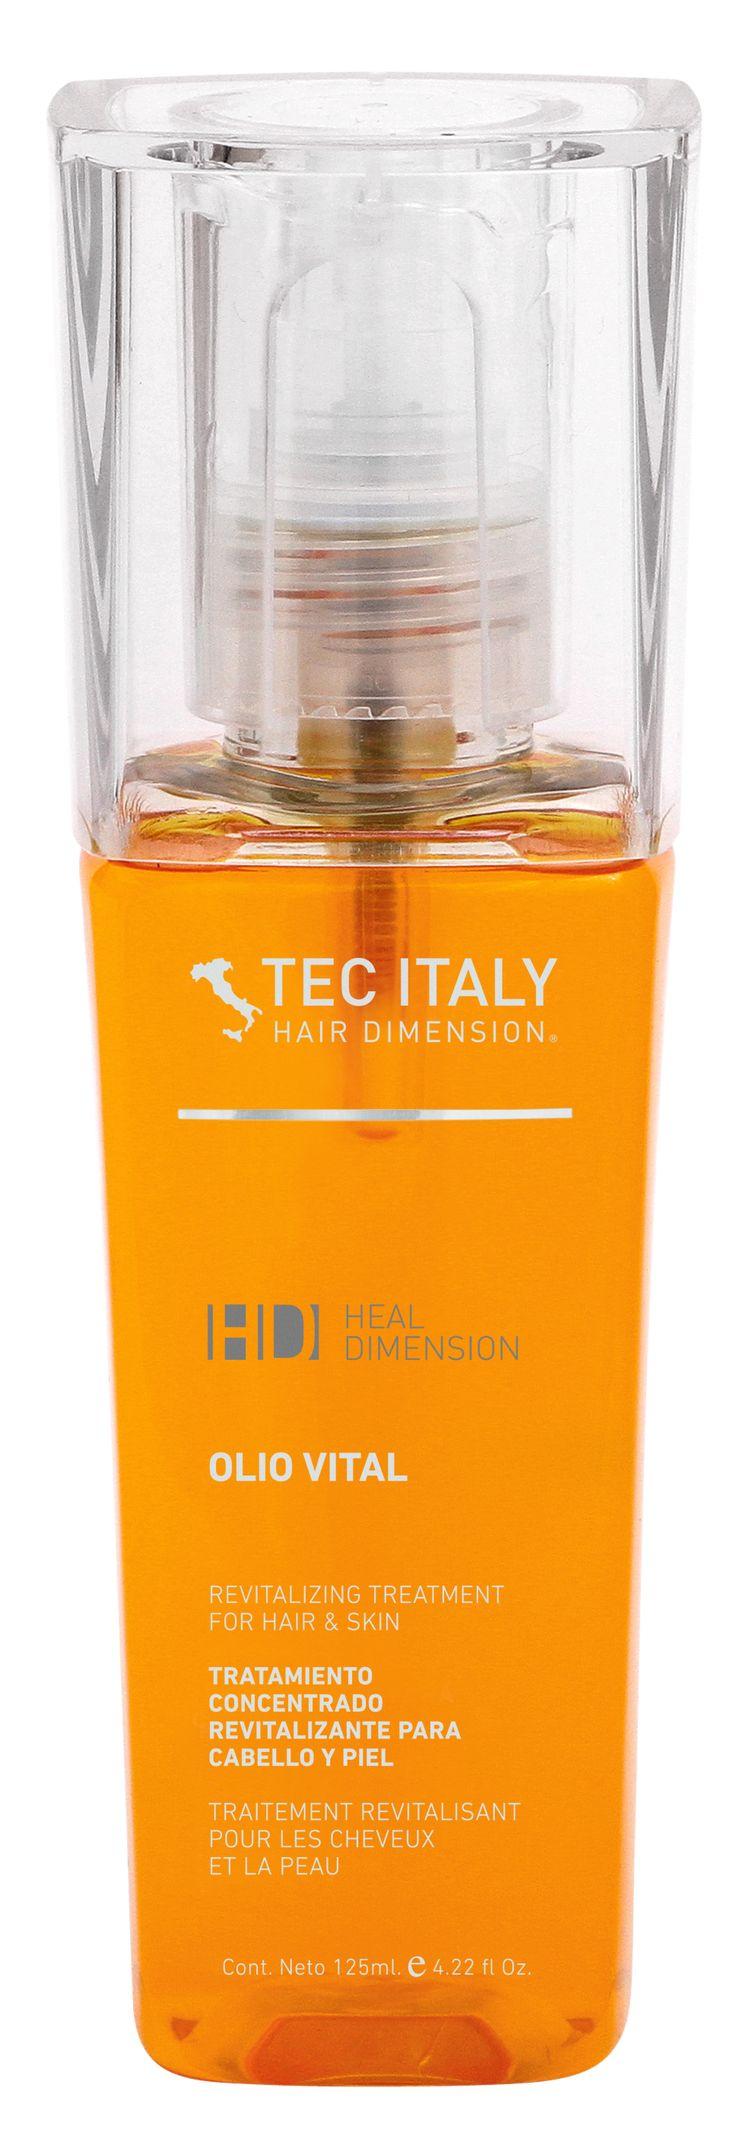 OLIO VITAL: Concentrado exclusivo  de aceites esenciales,  los  cuales ayudan   a  proteger y restituir naturalmente las propiedades del cabello,  aportando la fuerza  y vitalidad perdida, manteniendo su belleza  natural, con una  textura ligera  y sedosa.